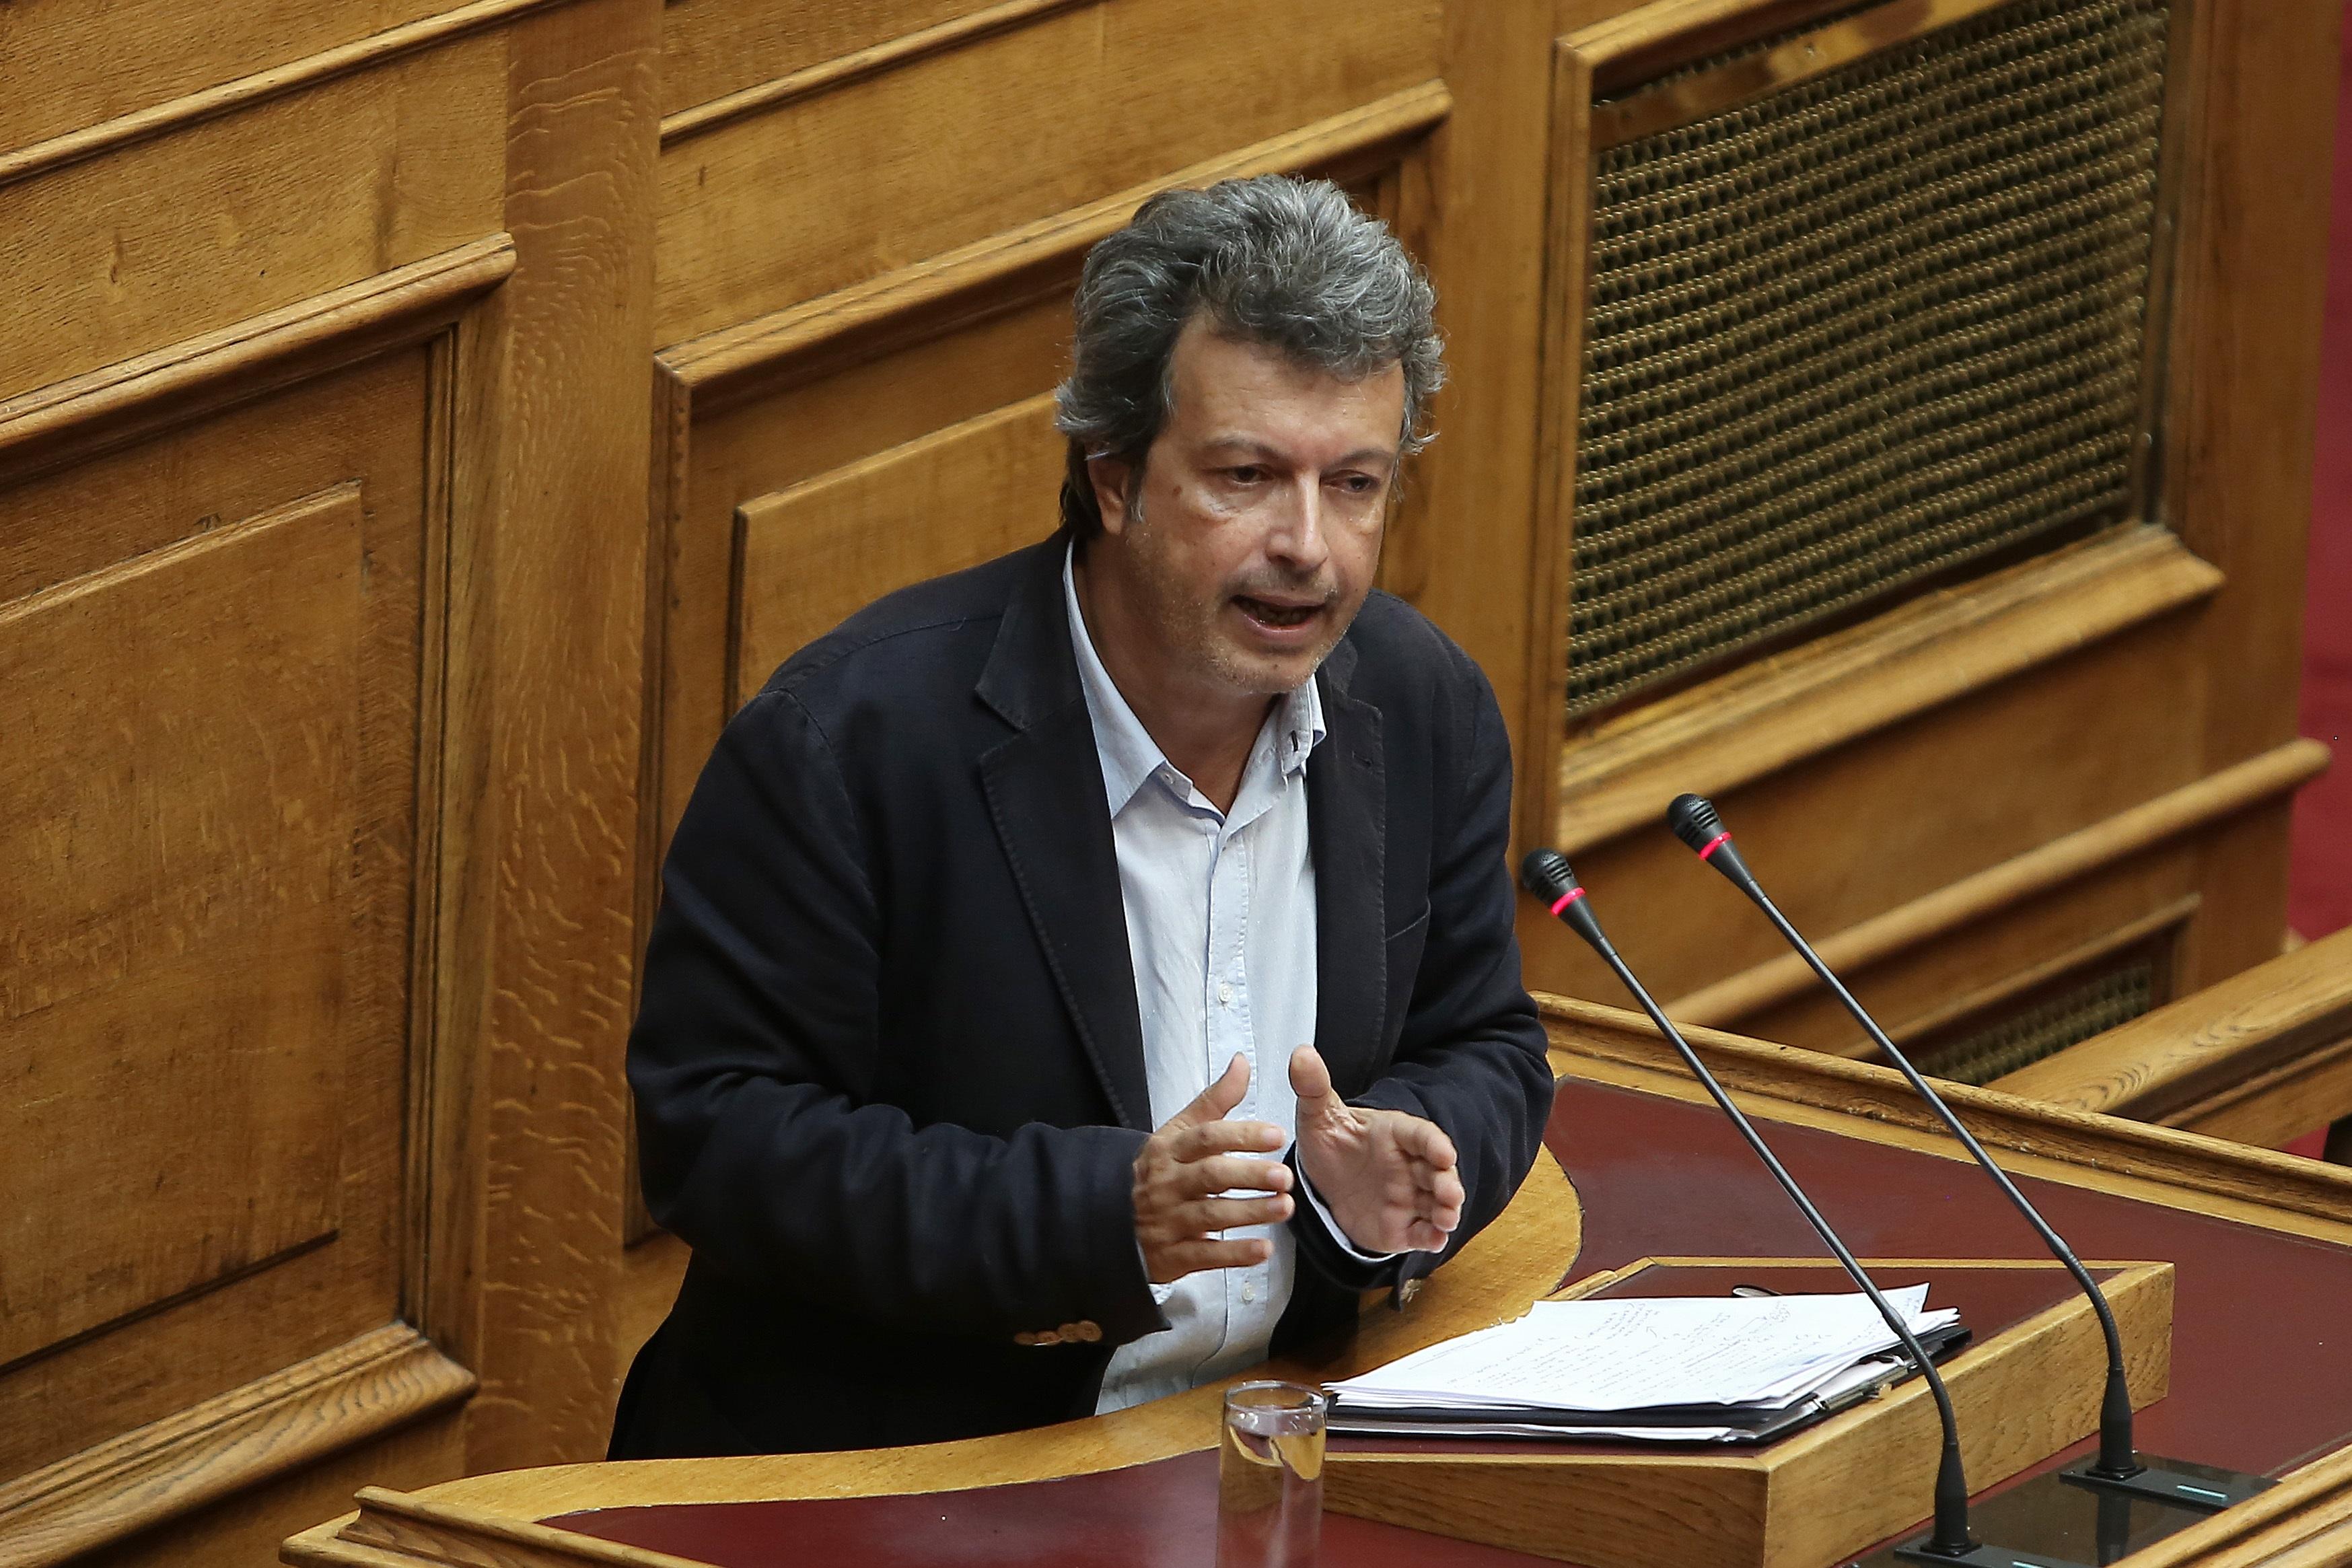 Πέτρος Τατσόπουλος: Αυτό είναι το νεότερο ιατρικό ανακοινωθέν του Ιπποκρατείου